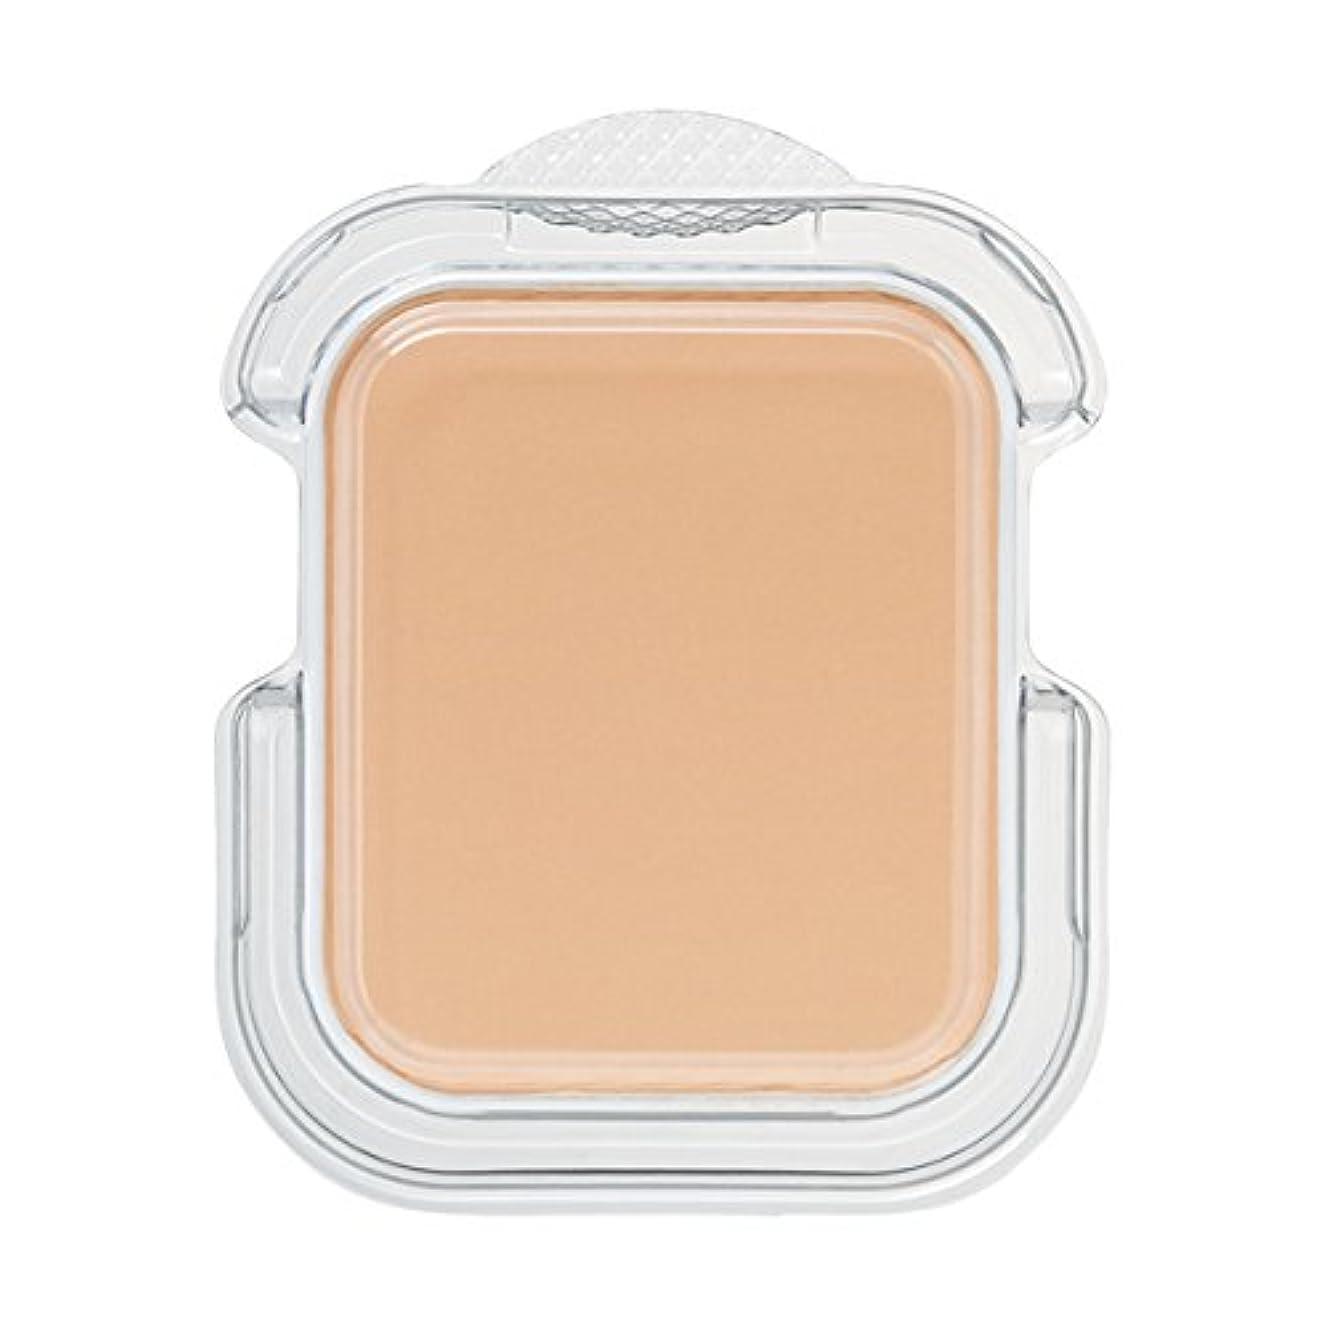 砂雇用科学UVホワイト ホワイトスキンパクト ピンクオークル10 (レフィル) 12g